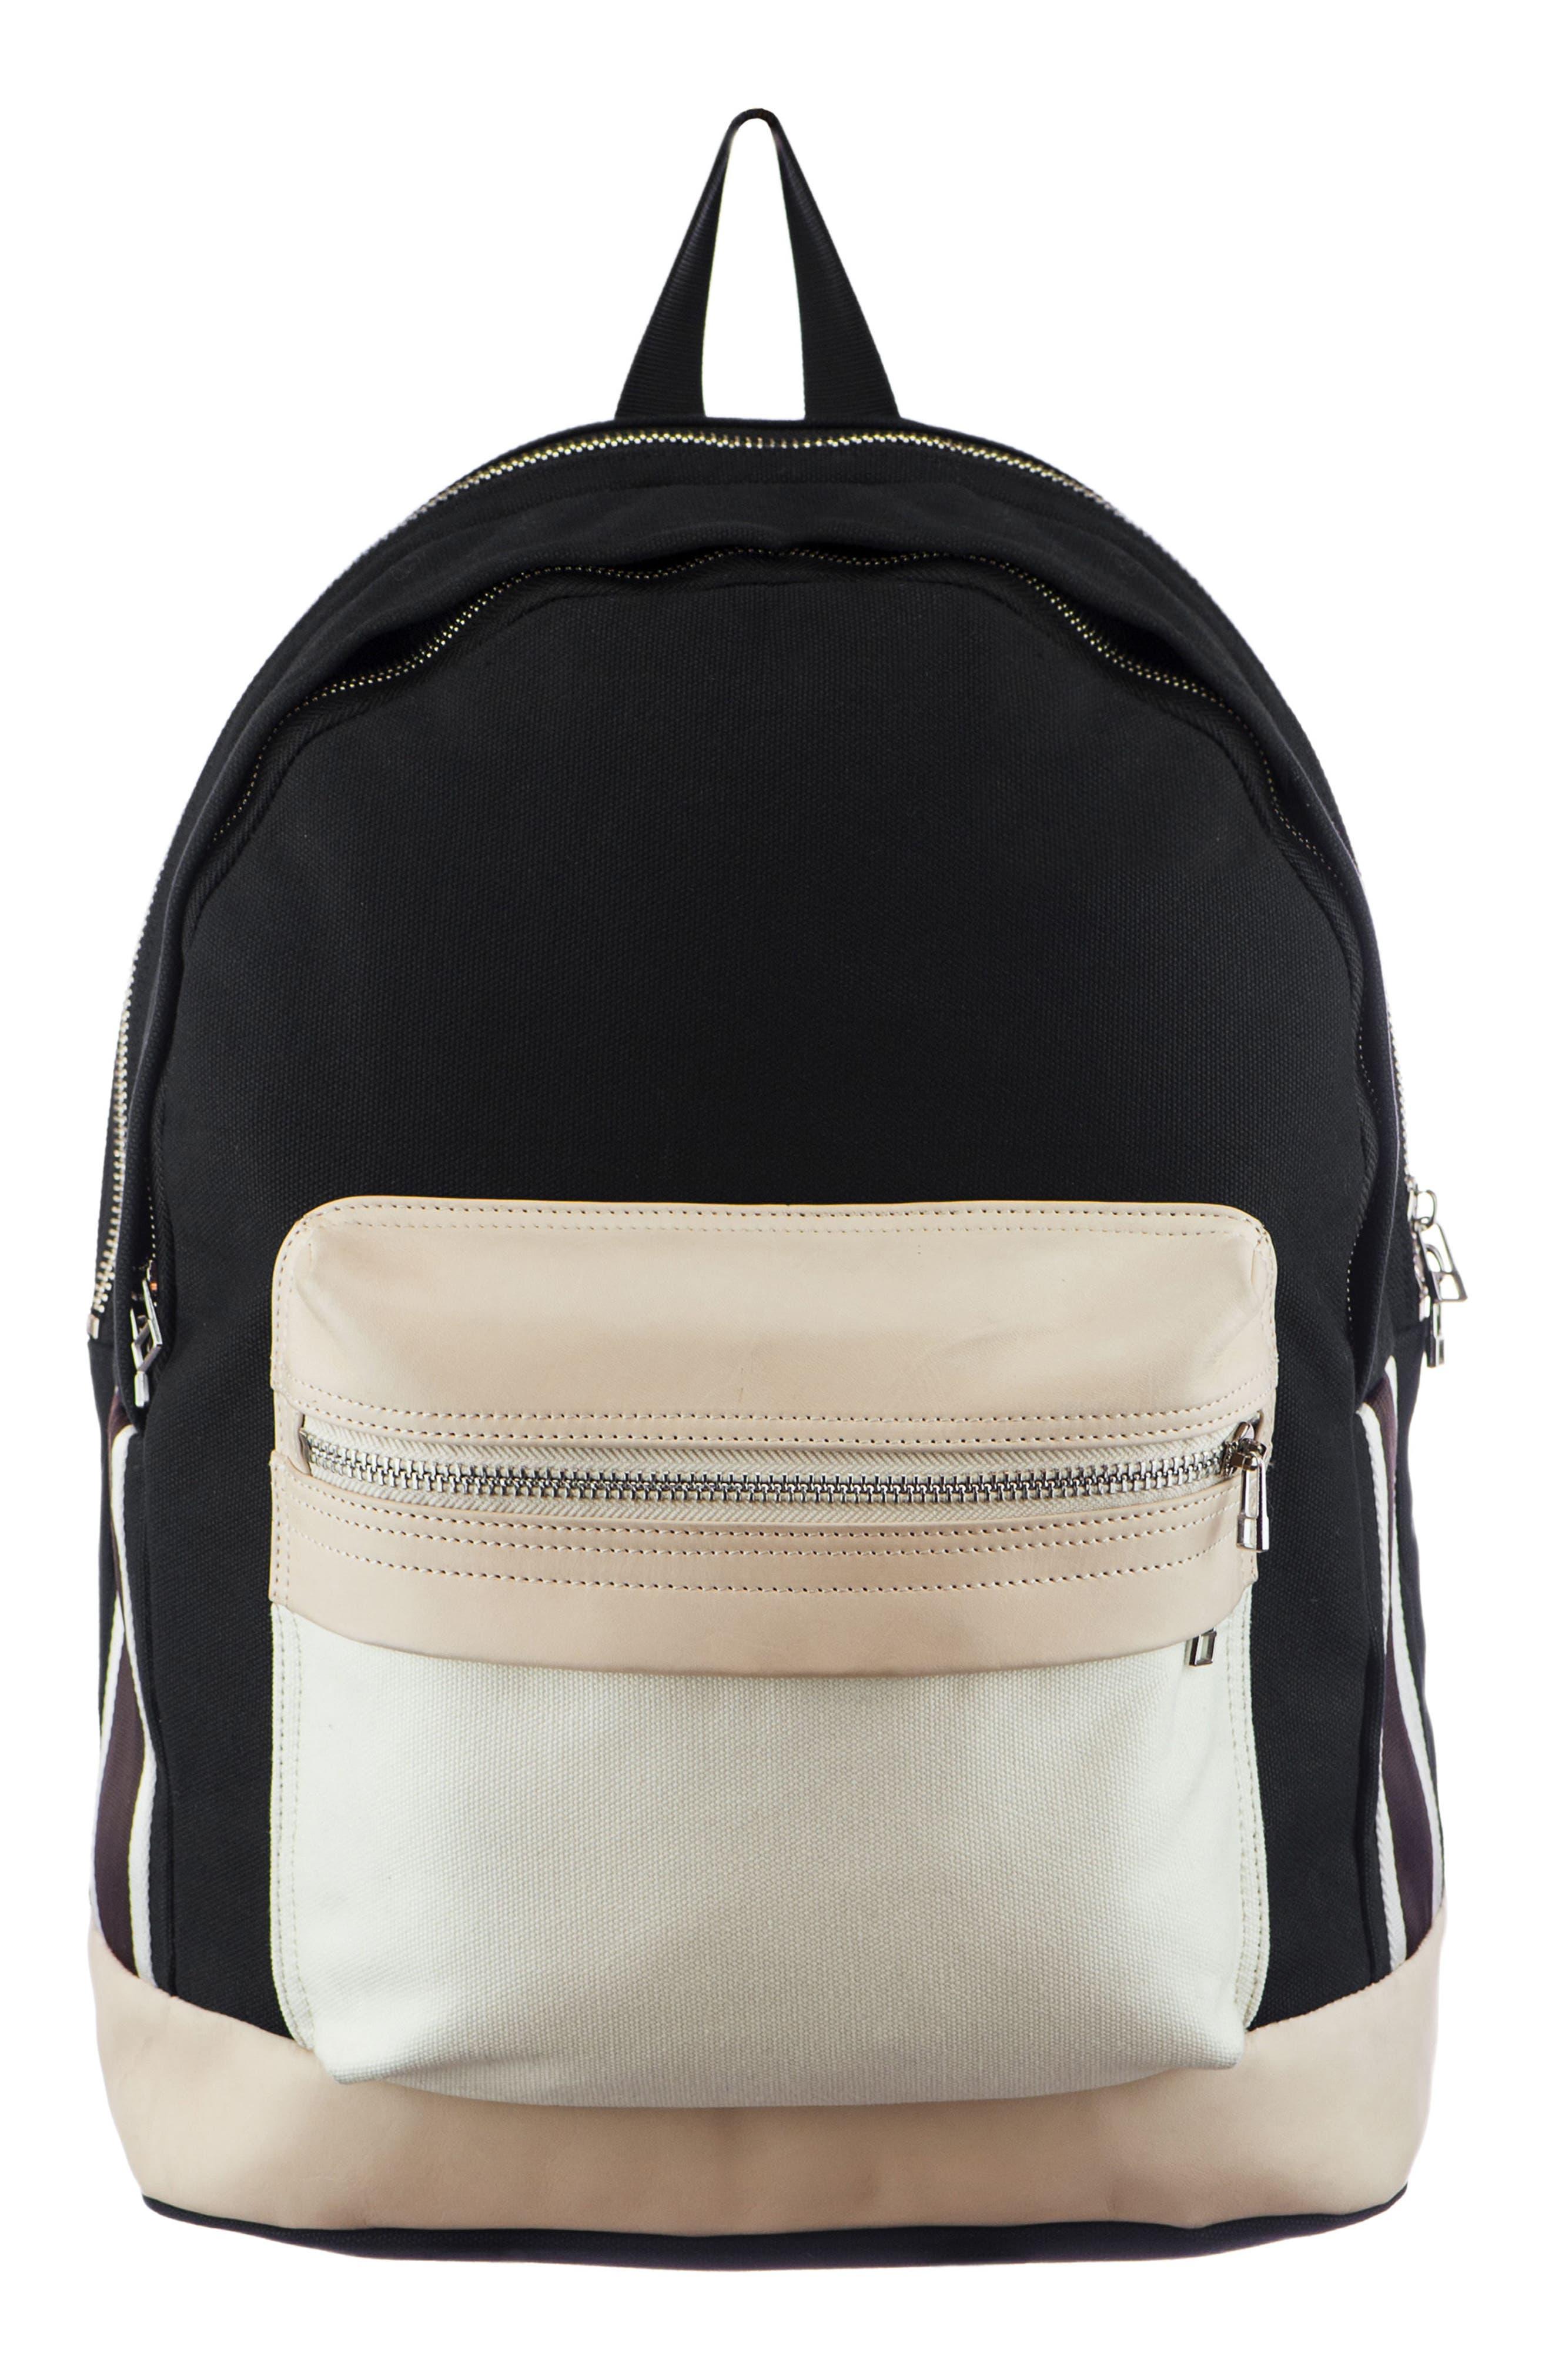 Main Image - Taikan Lancer Backpack